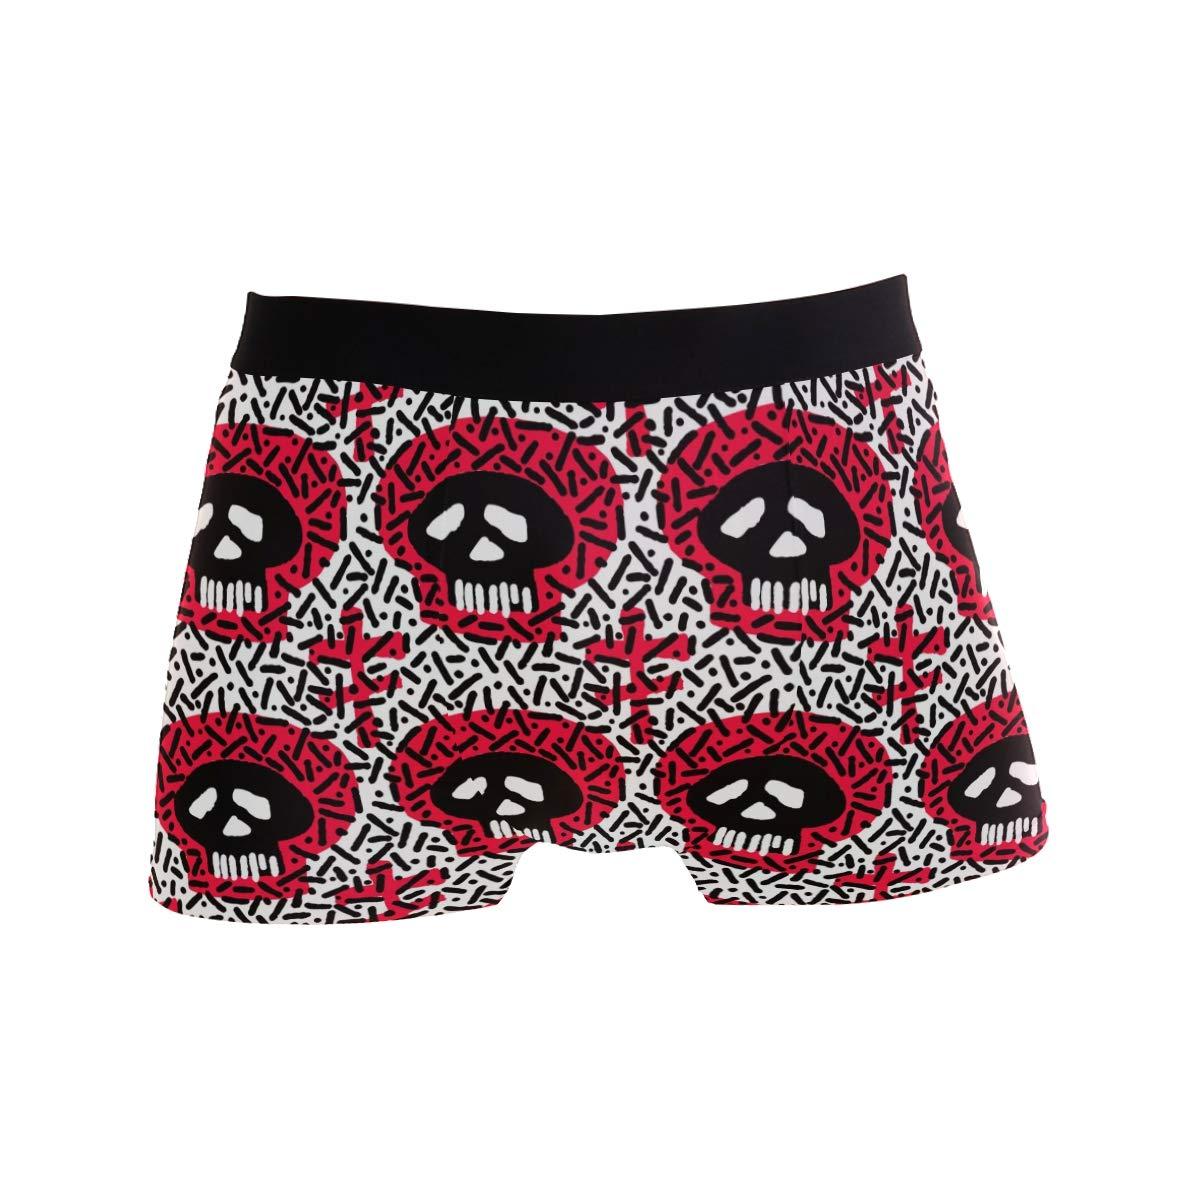 Punk Gothic Skull Head Mens Underwear Soft Polyester Boxer Brief for Men Adult Teen Children Kids S